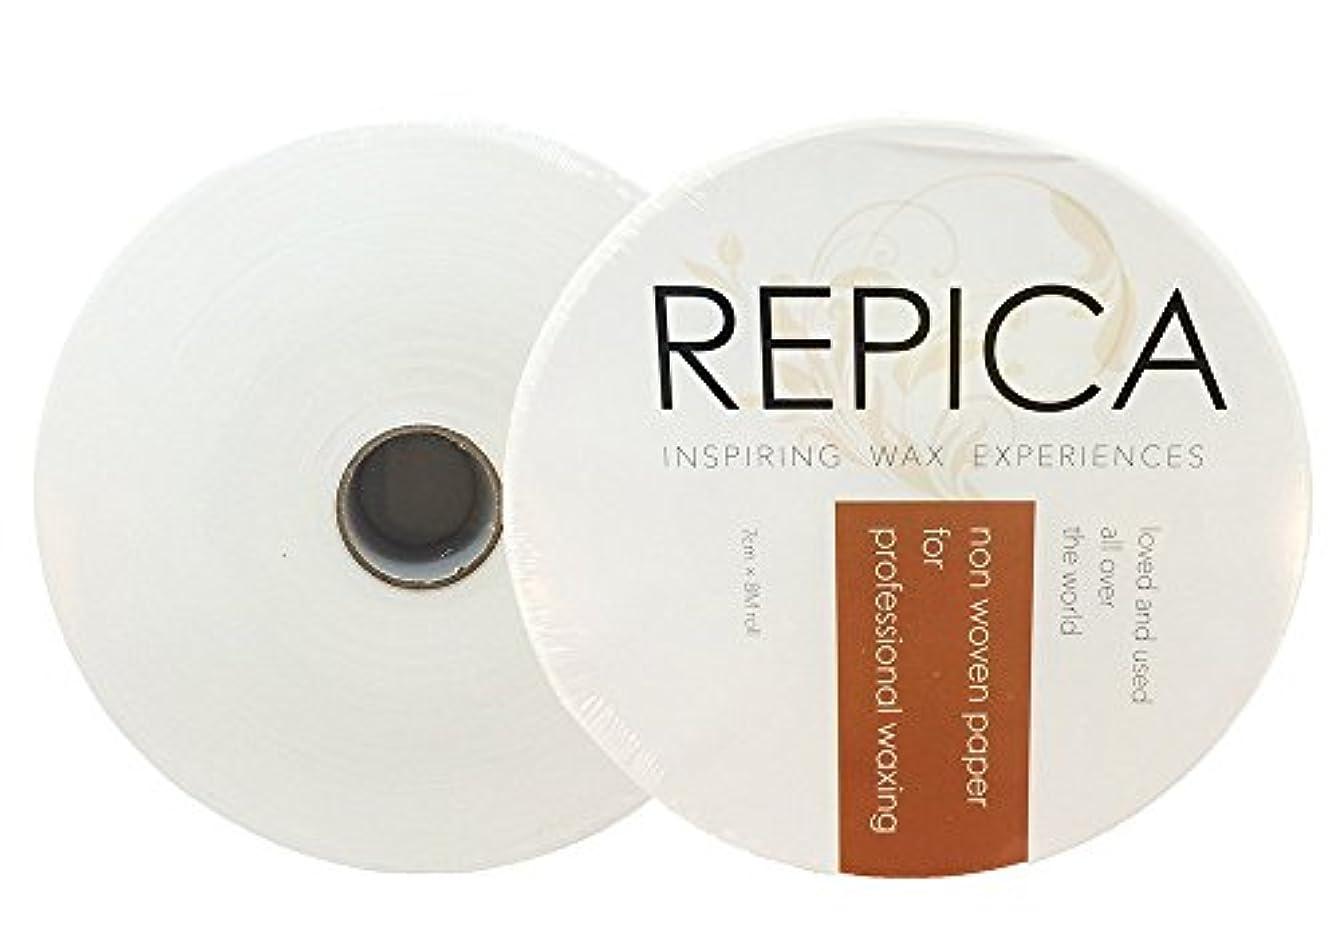 始める陰気無実REPICA ブラジリアンワックス脱毛 切取線入り ミシン目入りロールペーパー 7cmx100M 5個